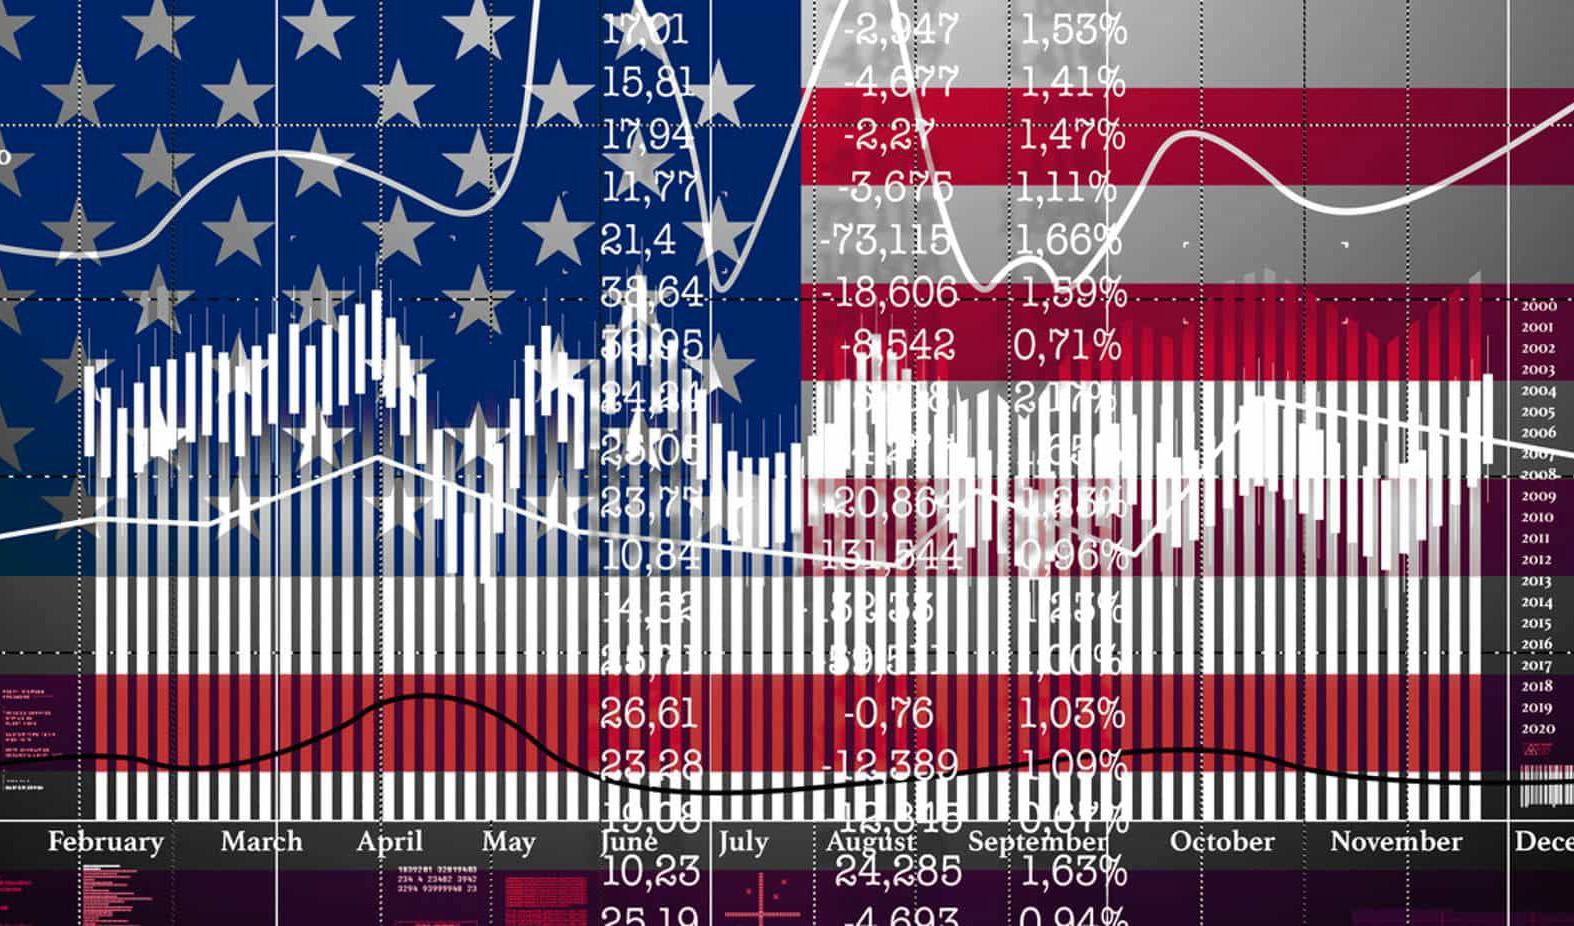 تورم در آمریکا شدیدتر از همیشه/ دلار دیگر ارز ذخیره جهان نخواهد بود